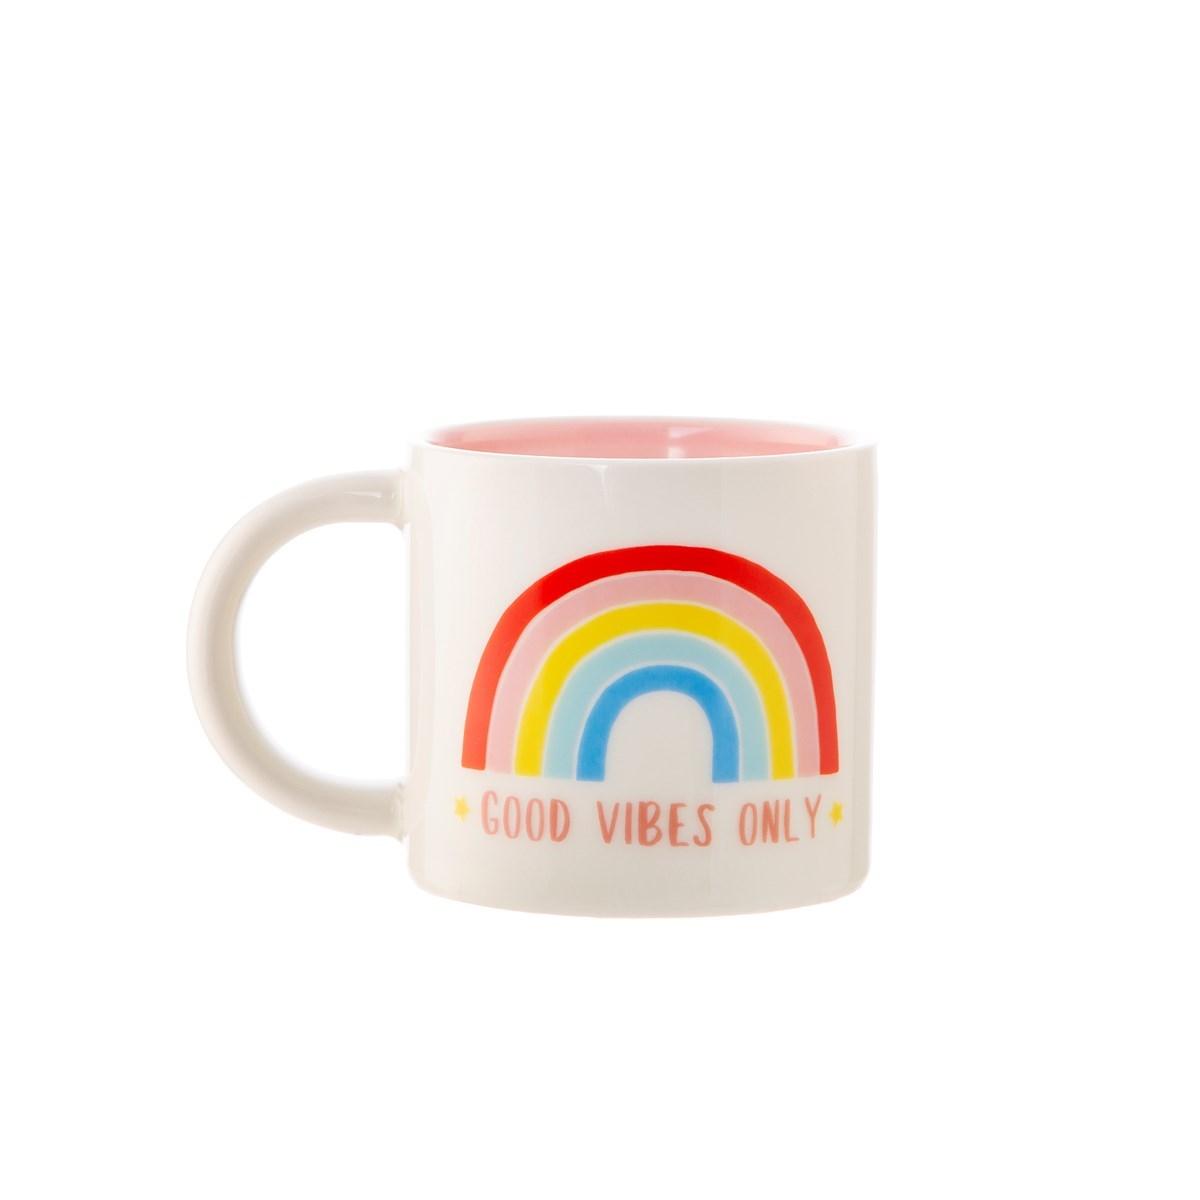 Hrnek Chasing Rainbows Good Vibes Only_0